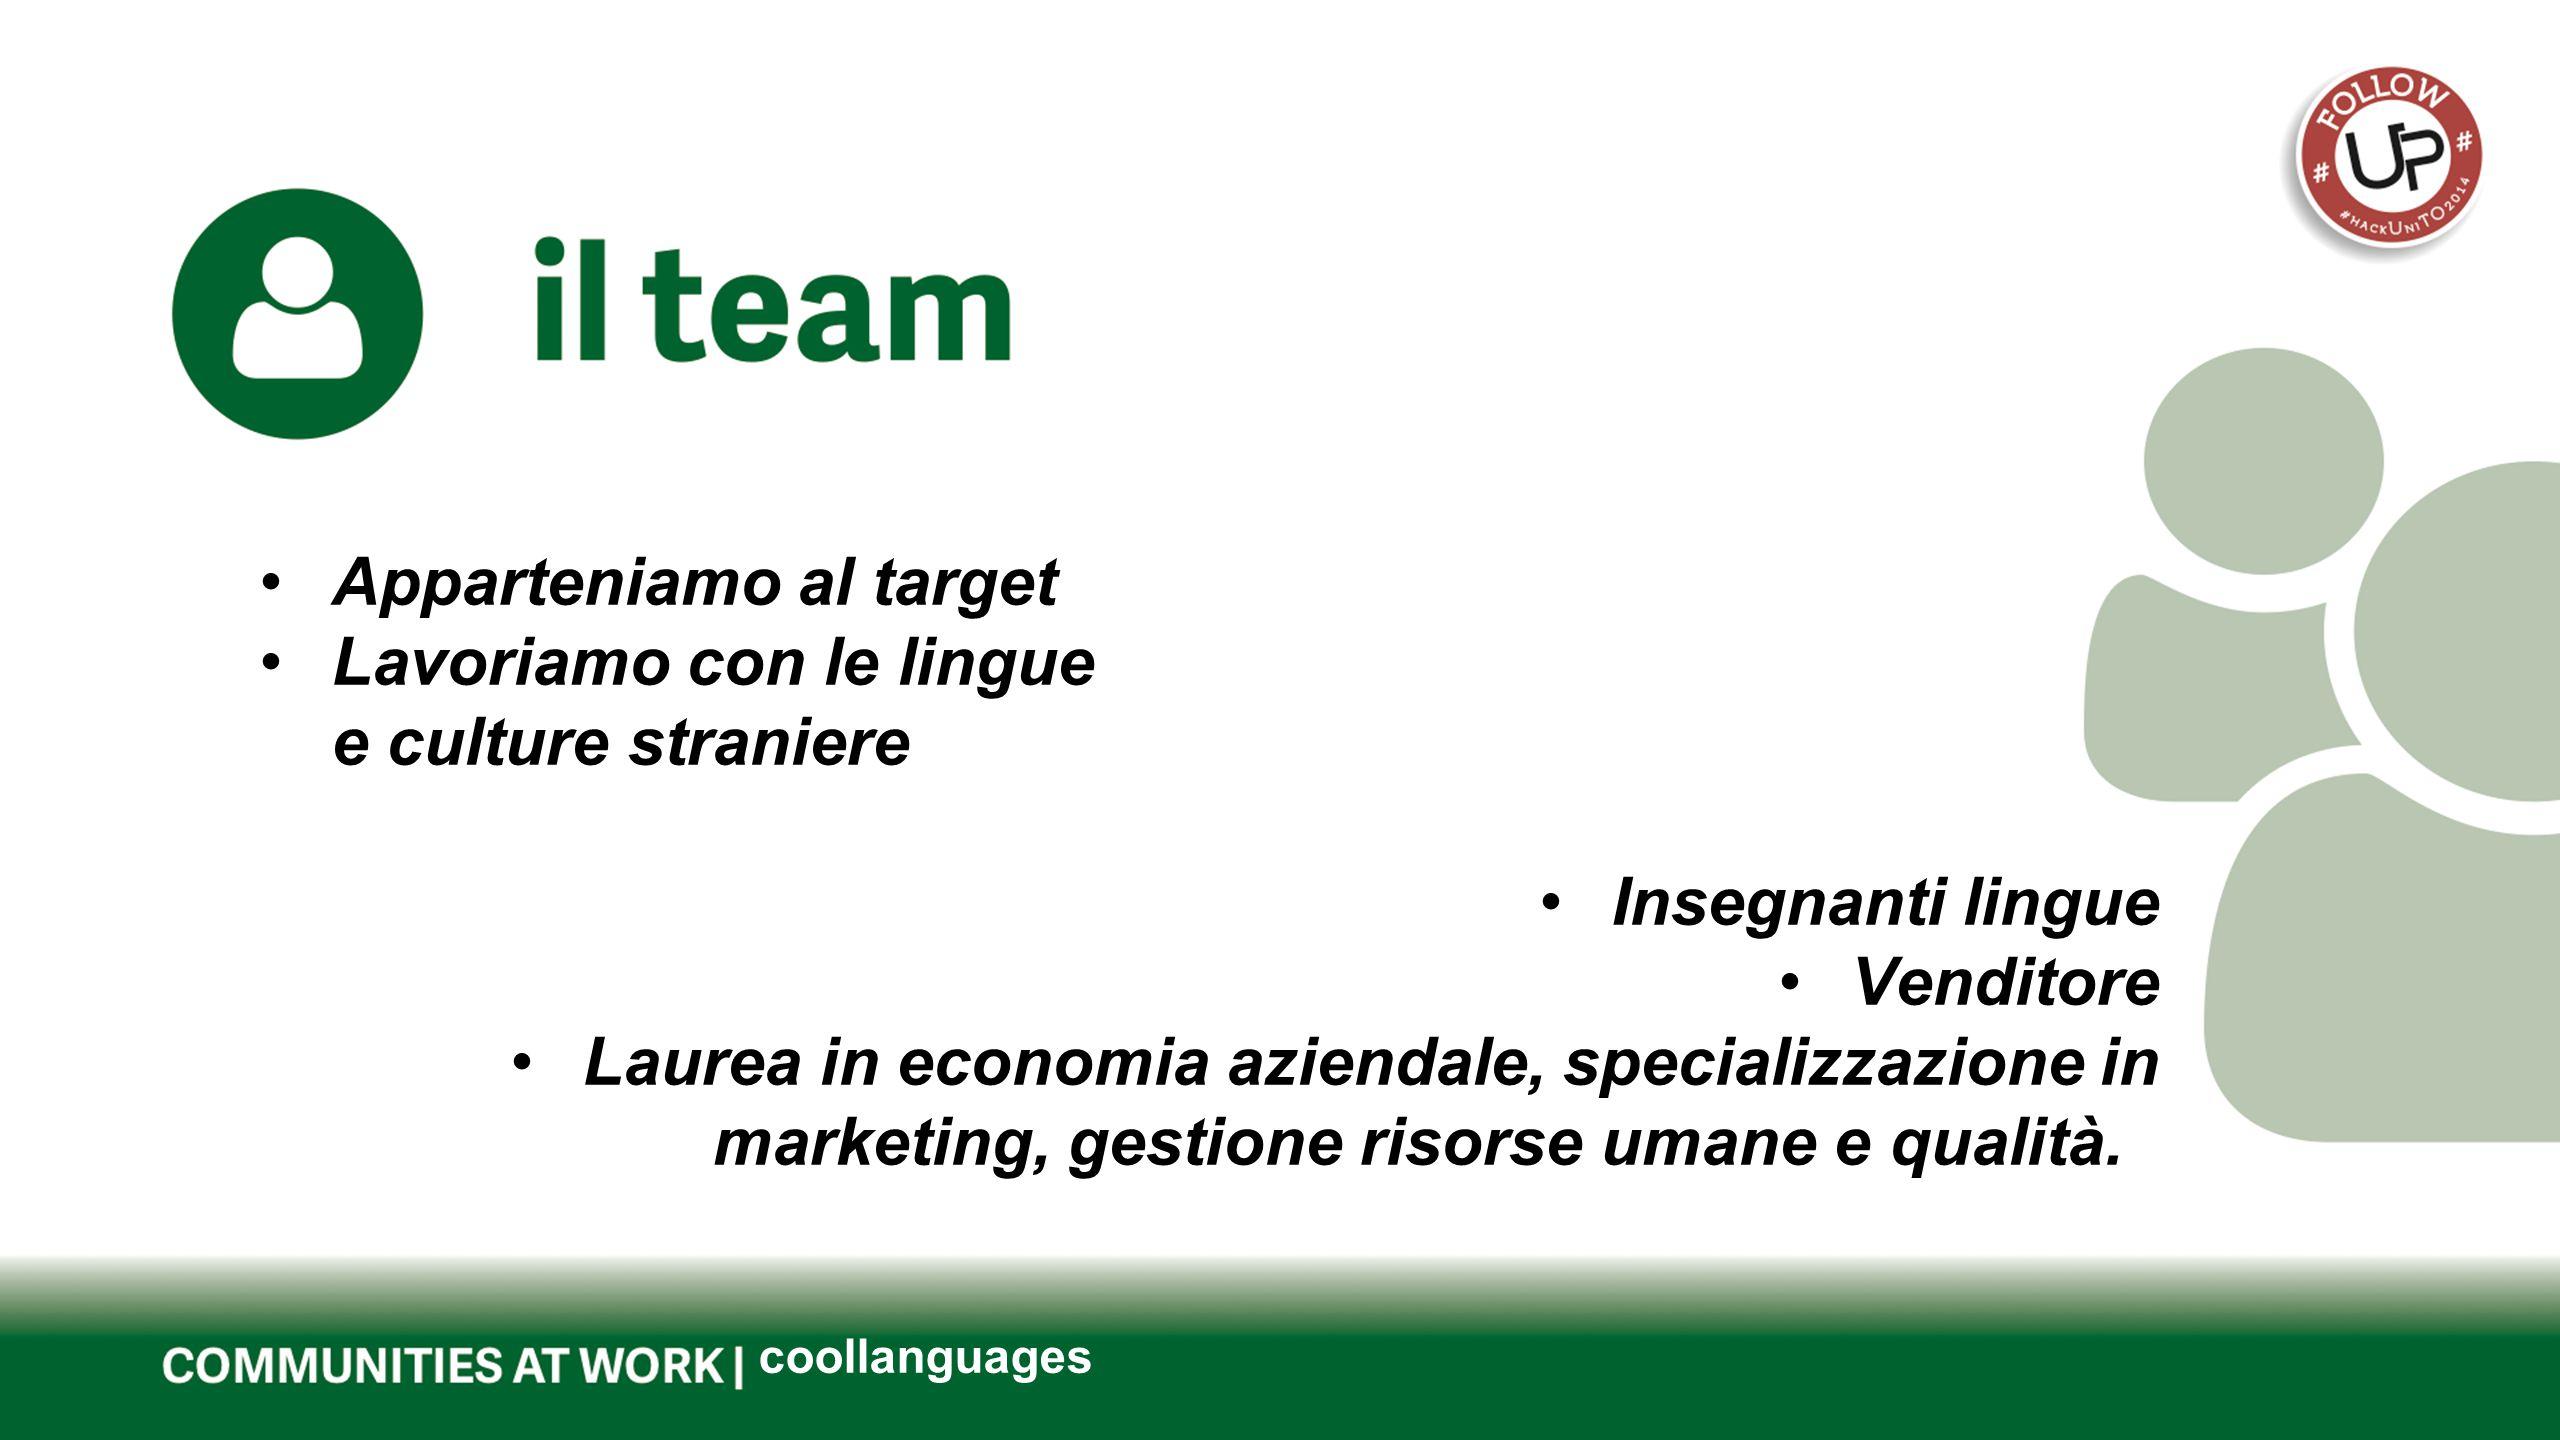 Questo è il titolo del tuo progetto coollanguages Apparteniamo al target Lavoriamo con le lingue e culture straniere Insegnanti lingue Venditore Laurea in economia aziendale, specializzazione in marketing, gestione risorse umane e qualità.